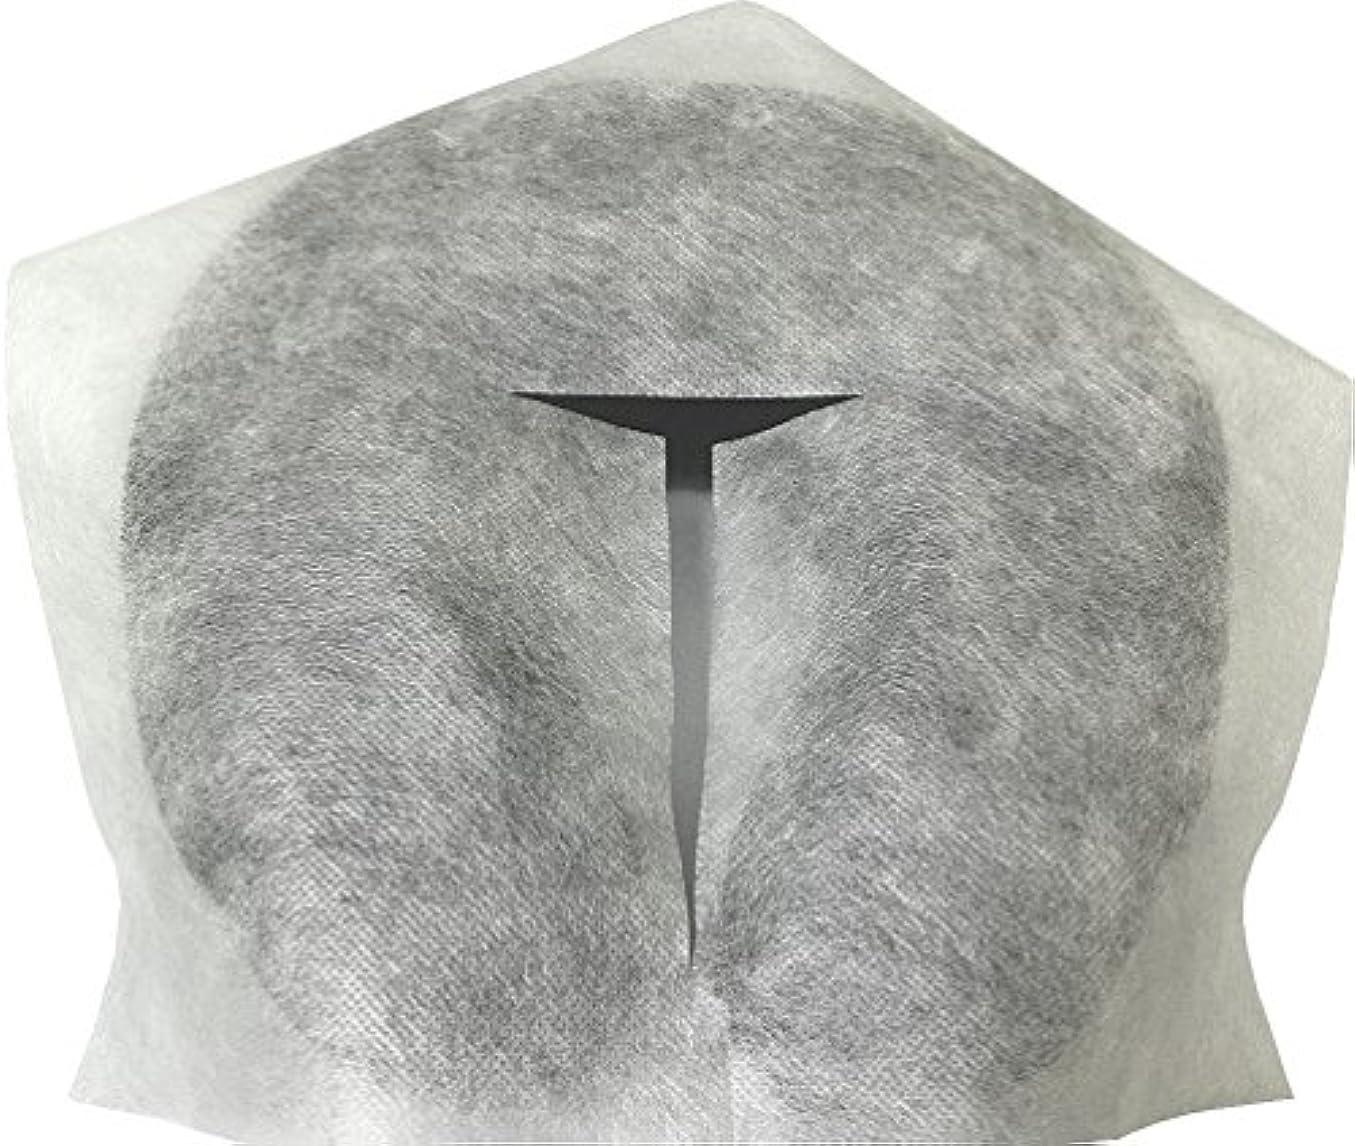 ビート仕事フットボール500枚 厚手タイプ、コスパ最高 上質な使い捨て 業務用 顔用 フェイスペーパー フェイスシート フェイスカバー ピローカバー 枕カバー マクラカバー